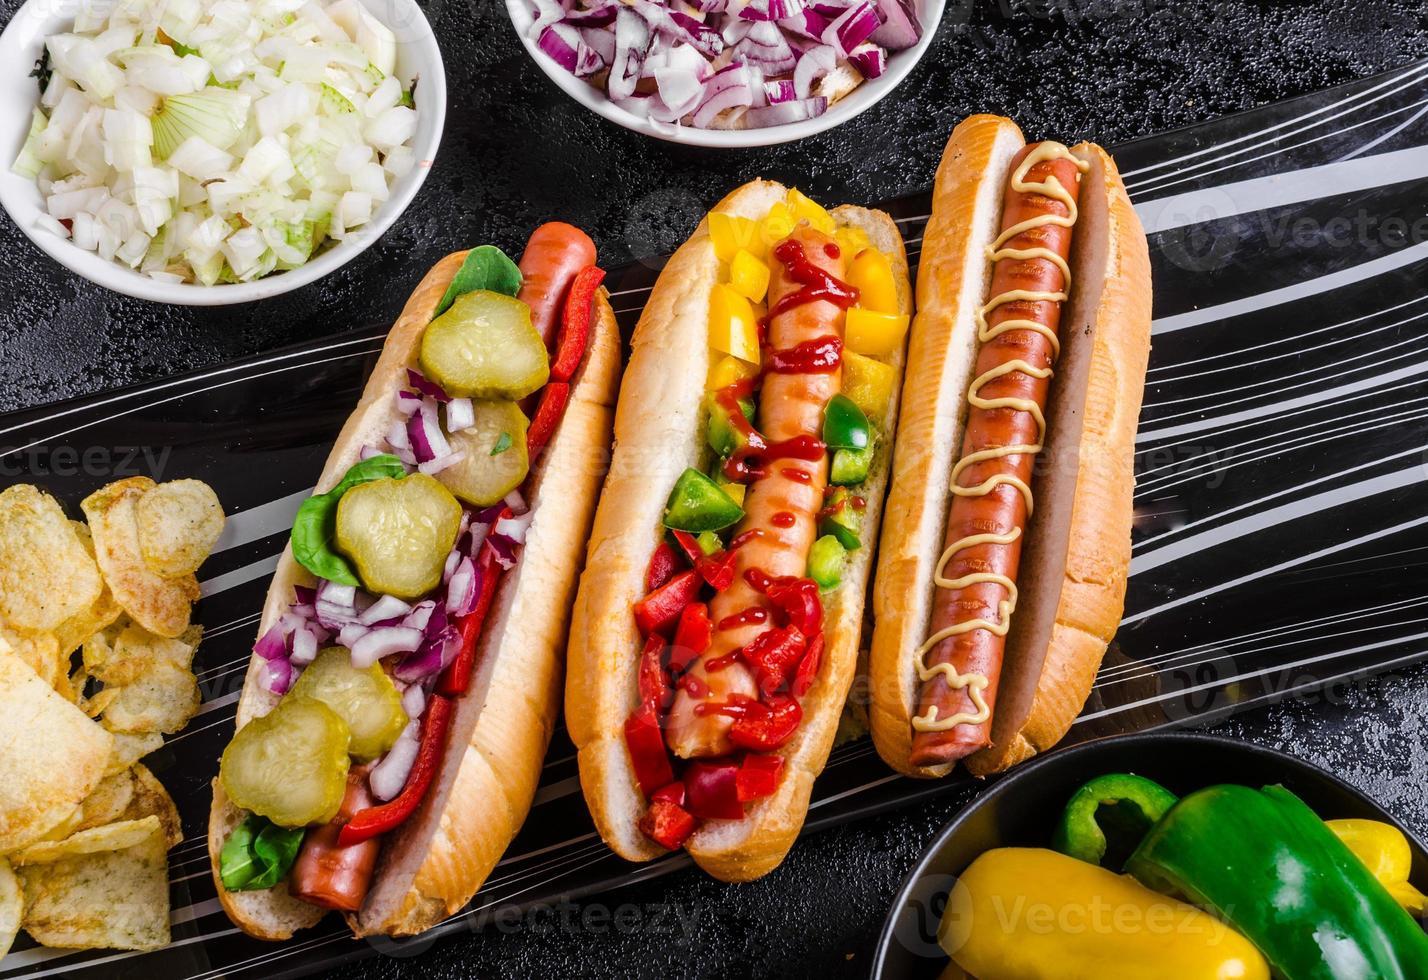 alle Rinderhunde, Variante von Hot Dogs foto